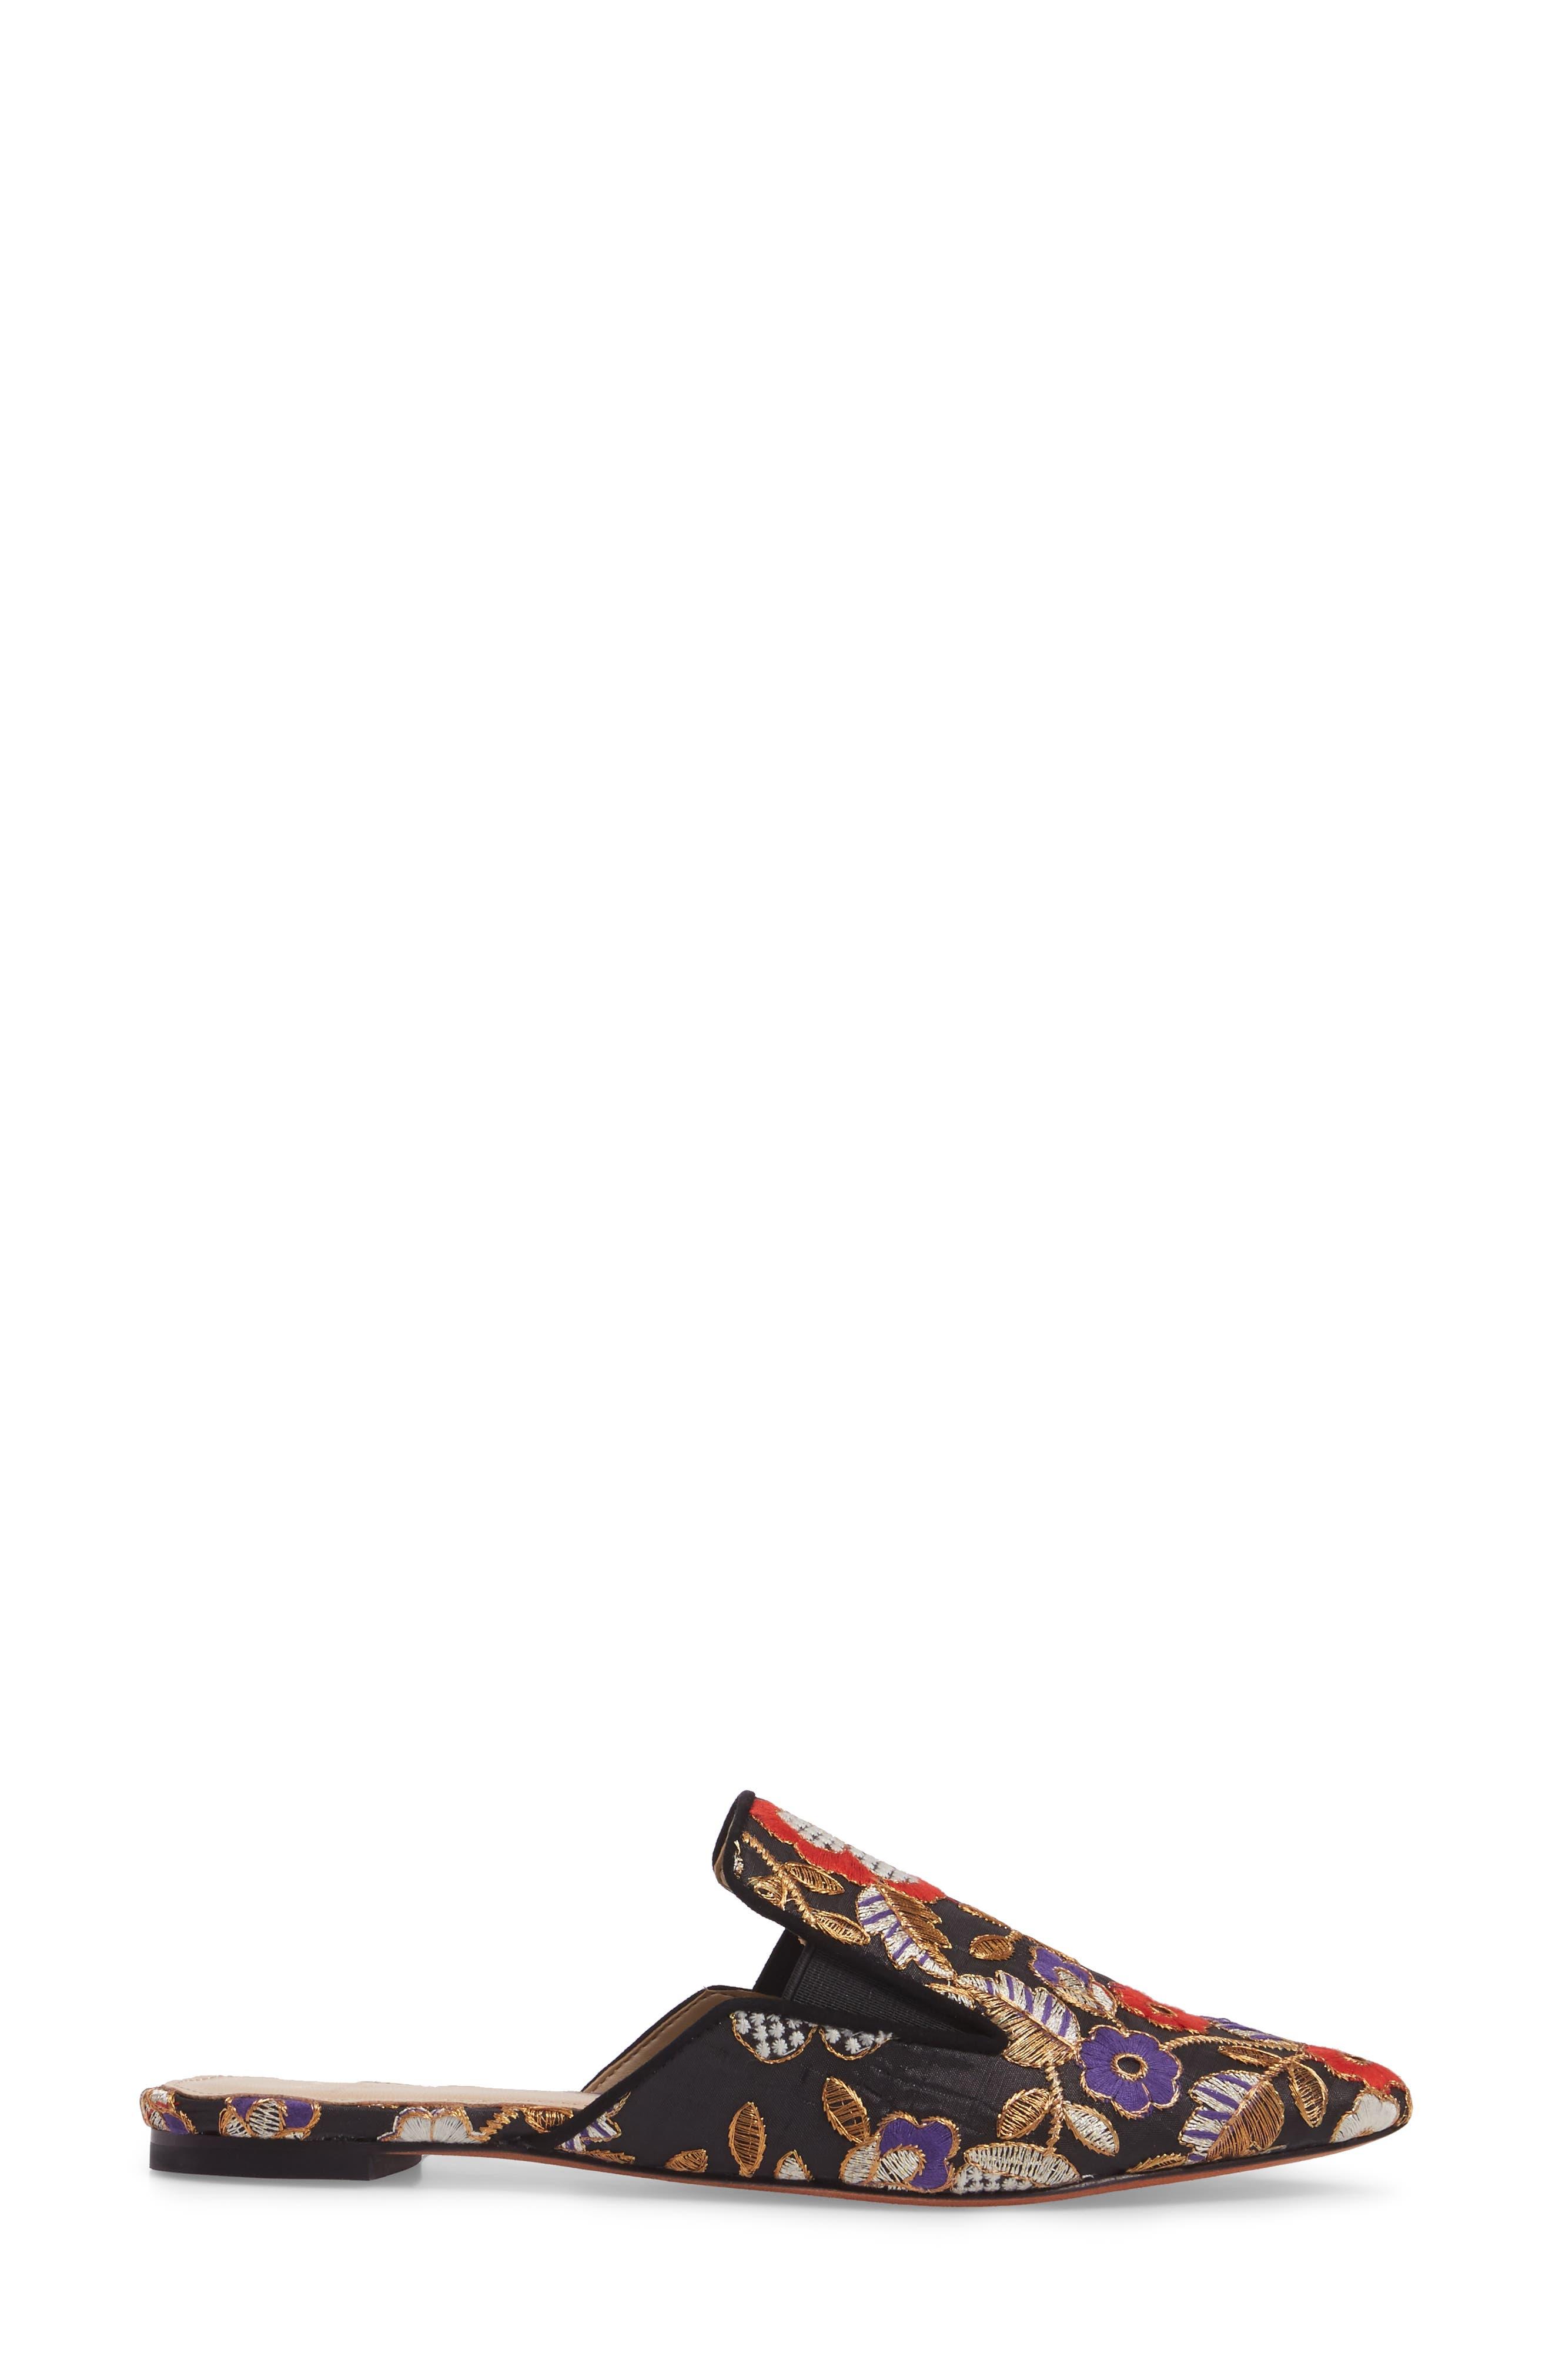 MARC FISHER LTD, Shiloh Flat Mule, Alternate thumbnail 3, color, 002